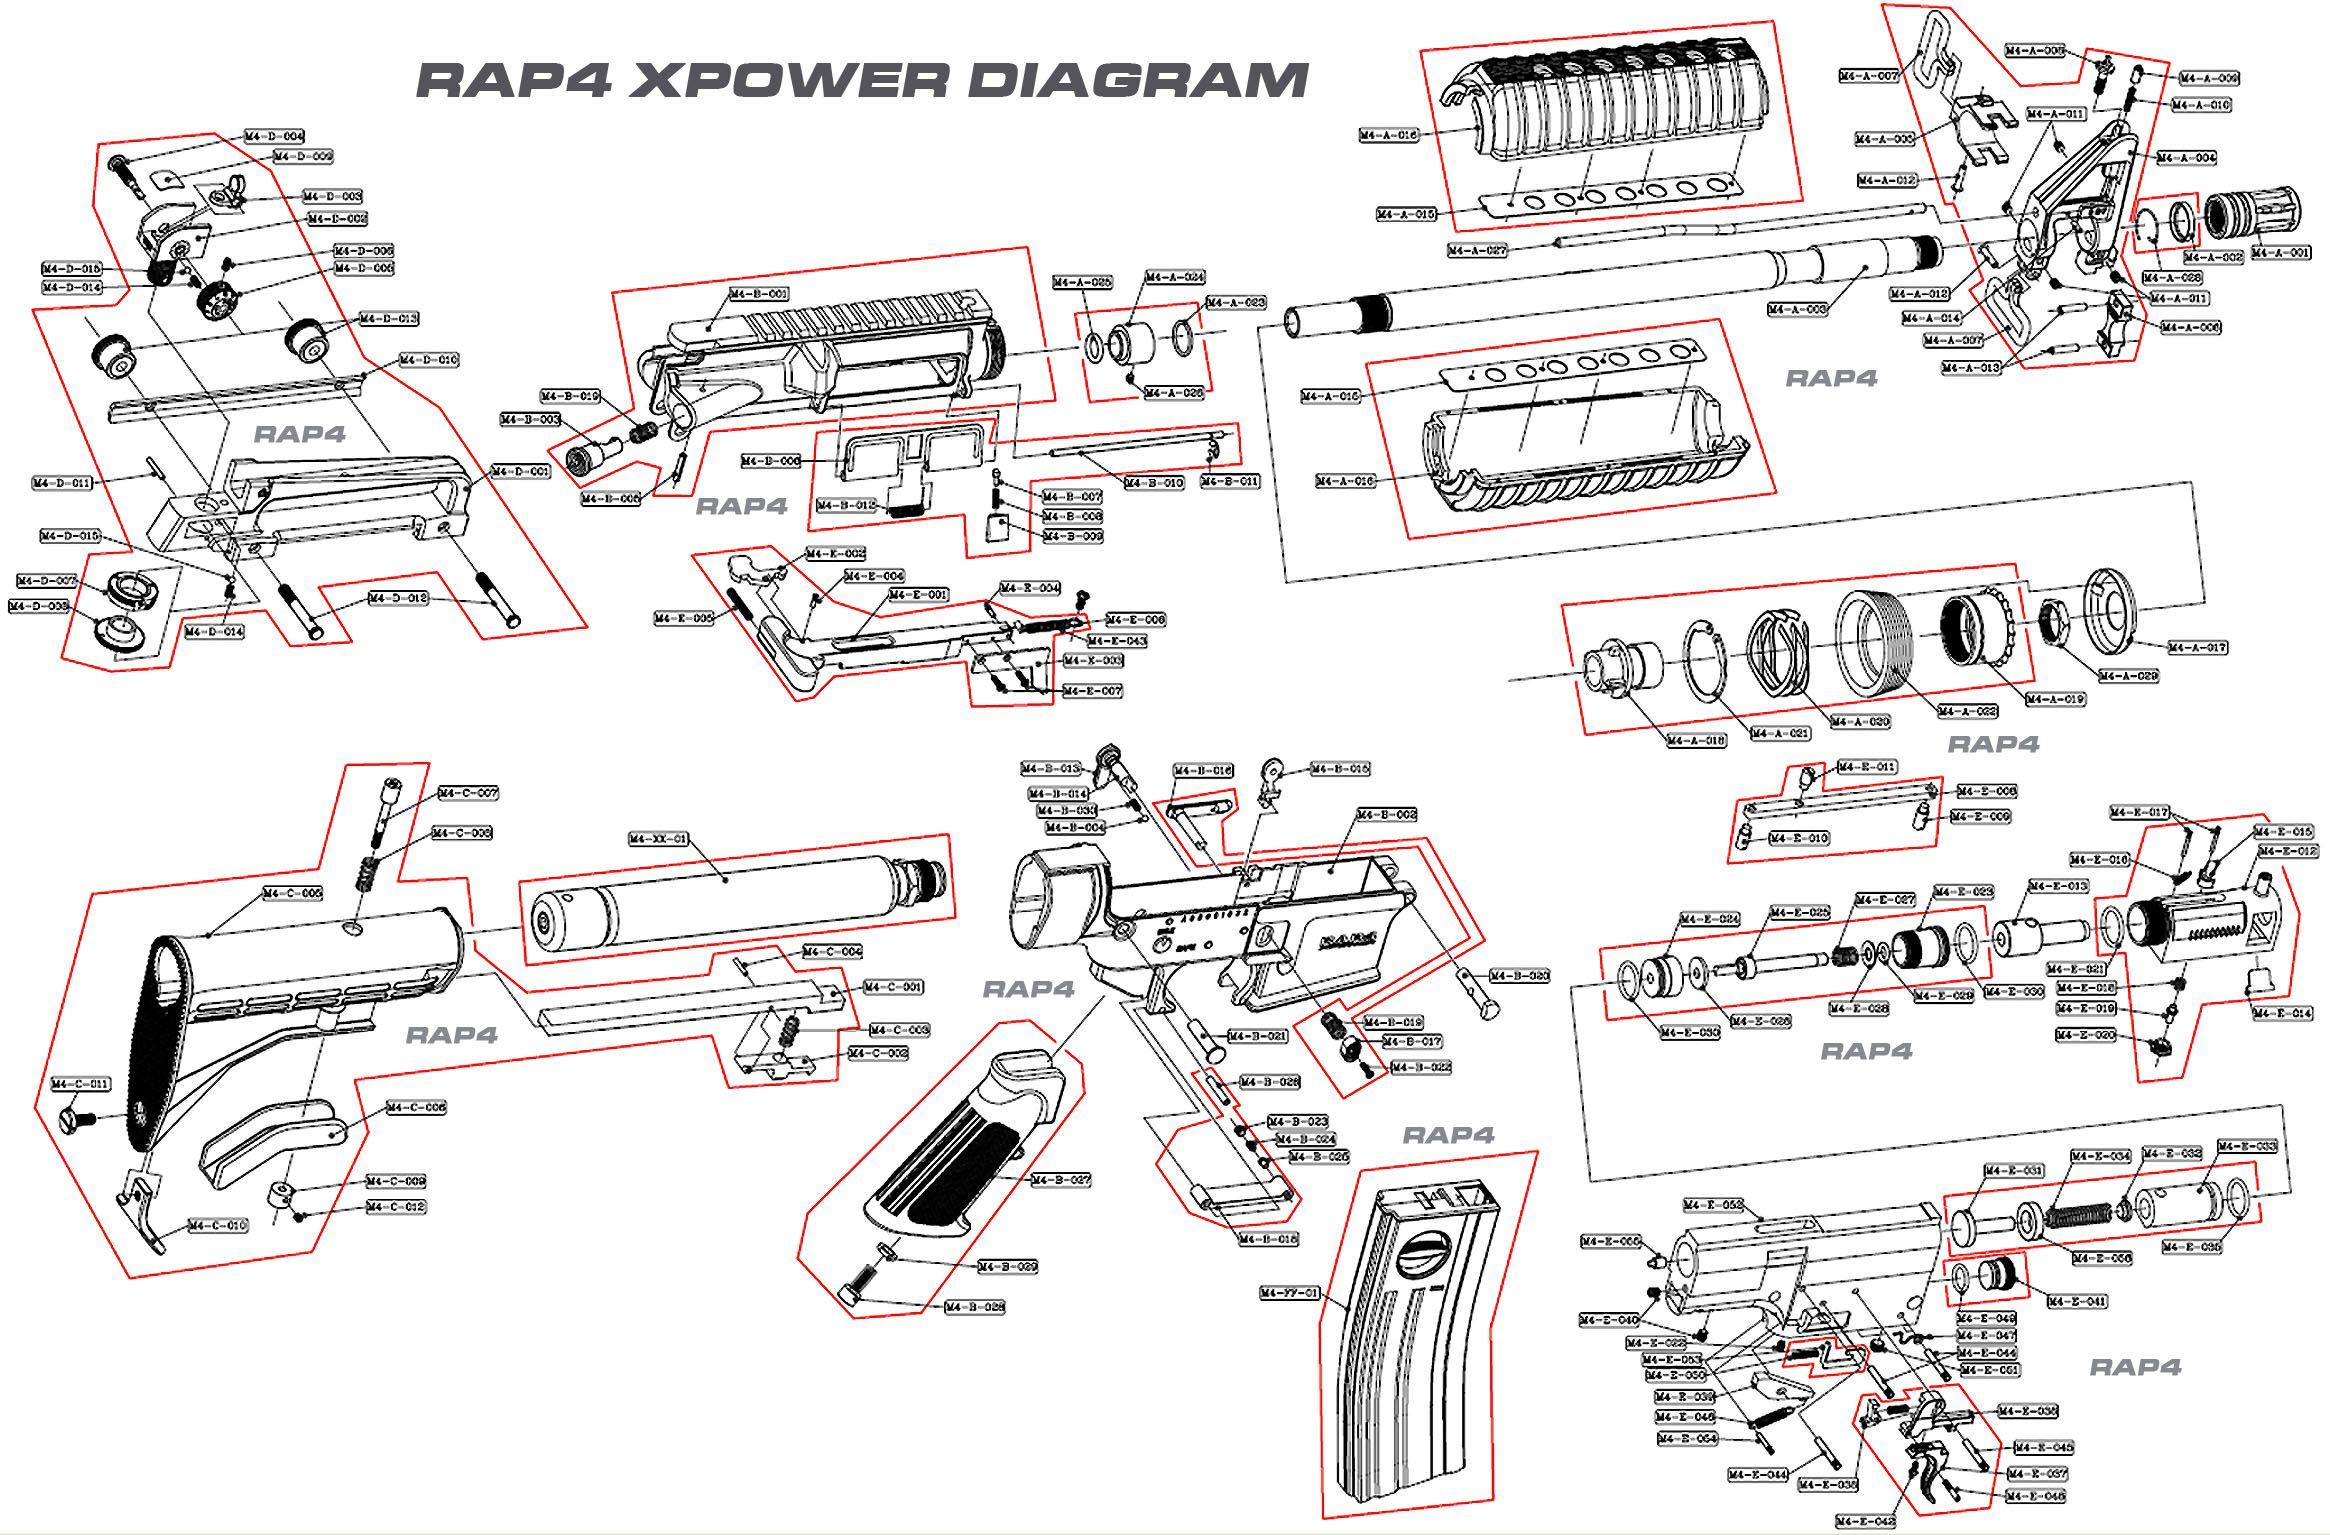 ar 15 schematic m4 carbine schematic | military | pinterest | m4 carbine ... #6